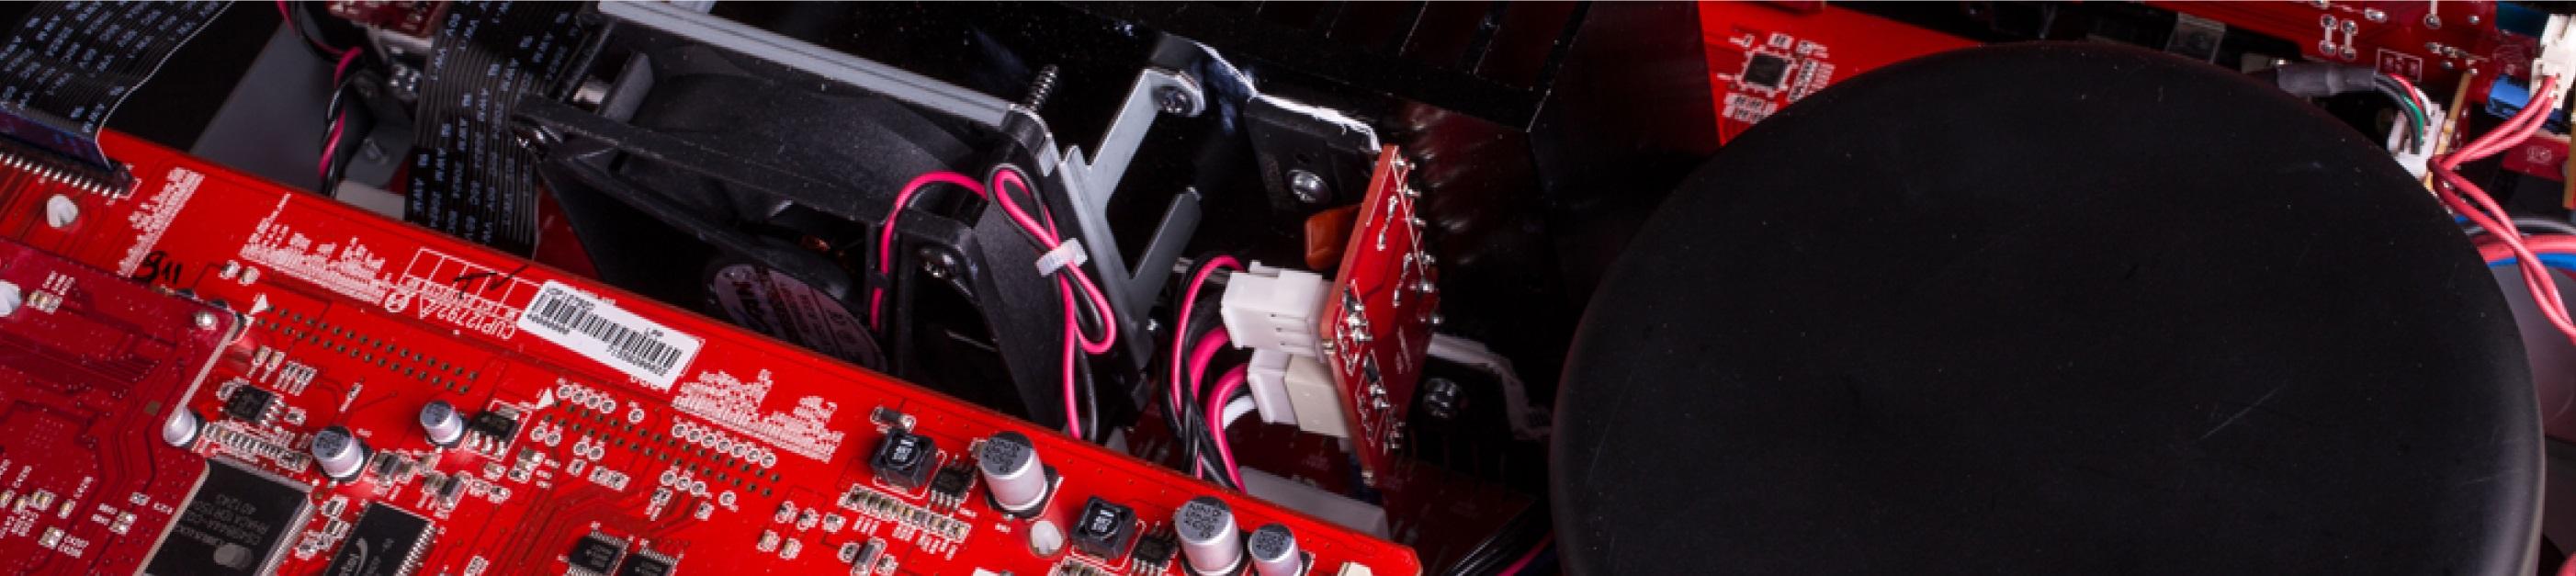 Amplificateur de puissance Anthem MCA225 V2